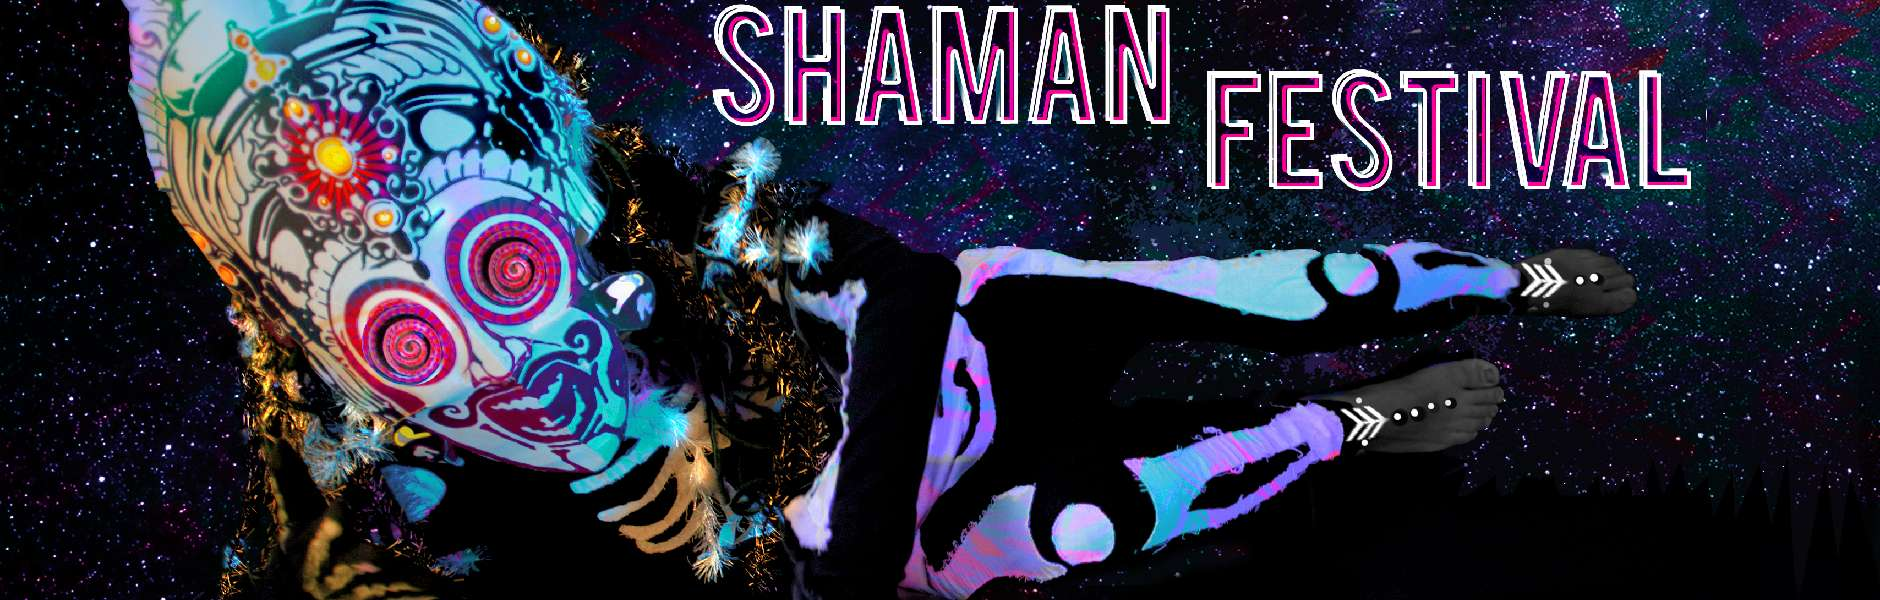 Shaman Festival